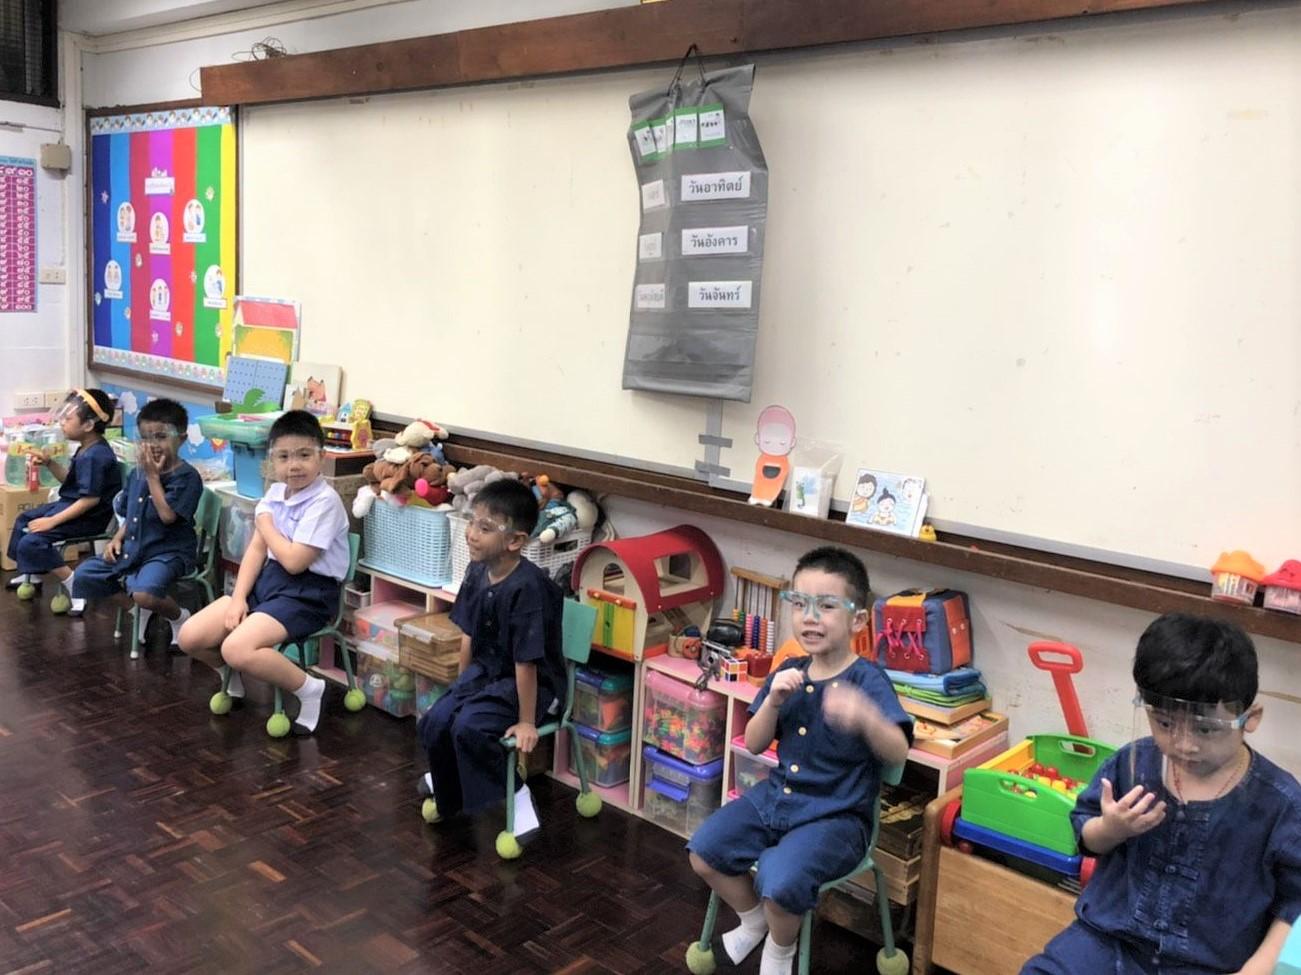 """""""แว่นท็อปเจริญ"""" ส่งความห่วงใยแก่คณาจารย์และนักเรียน มอบแว่นหน้ากากเฟสชิลด์ ณ ศูนย์การศึกษาพิเศษ โรงเรียนสาธิตละอออุทิศ"""